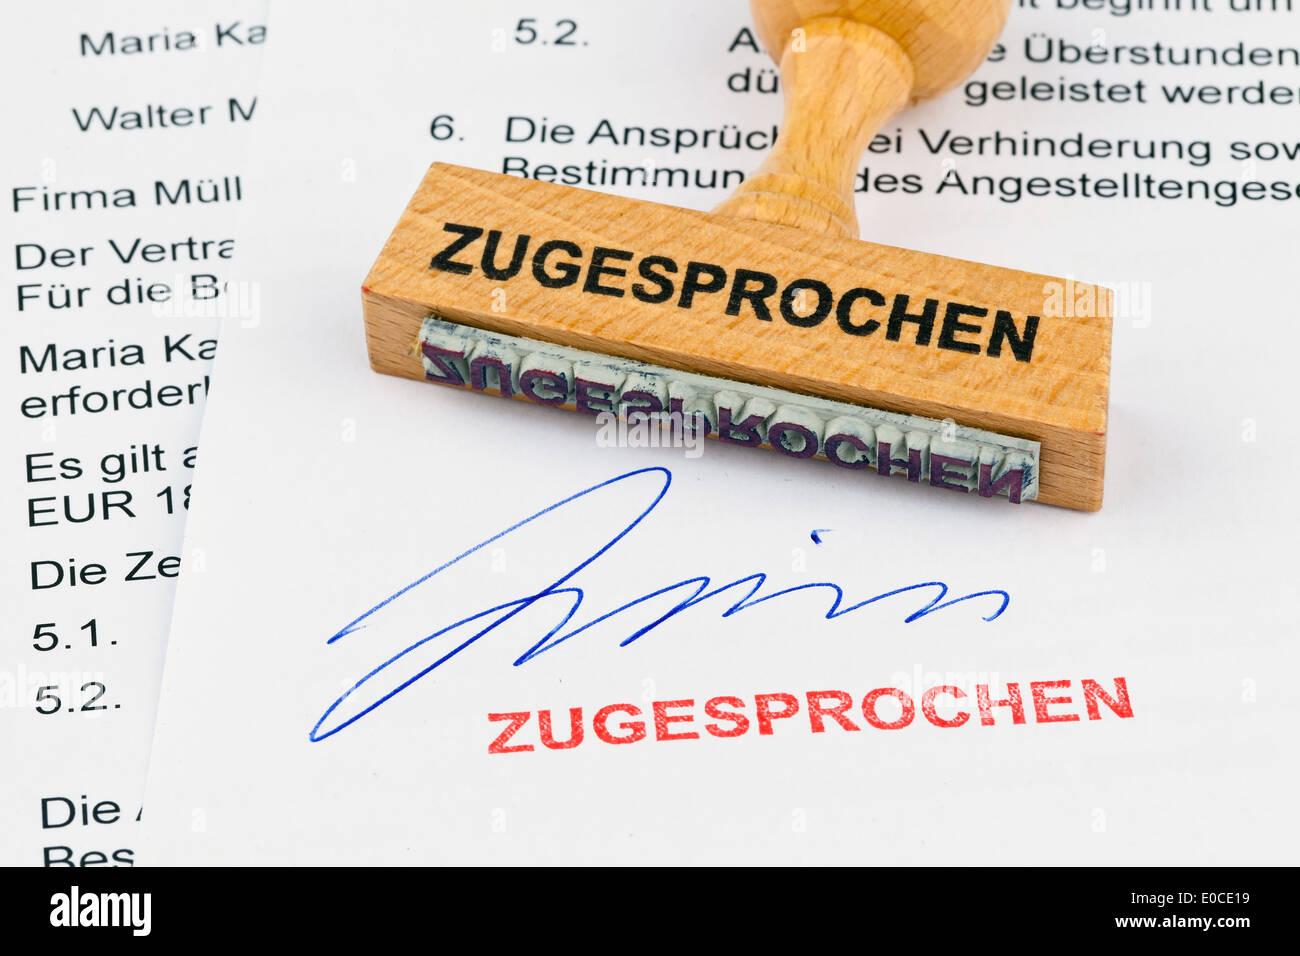 A stamp of wood lies on a document. Label Awarded, Ein Stempel aus Holz liegt auf einem Dokument. Aufschrift Zugesprochen Stock Photo